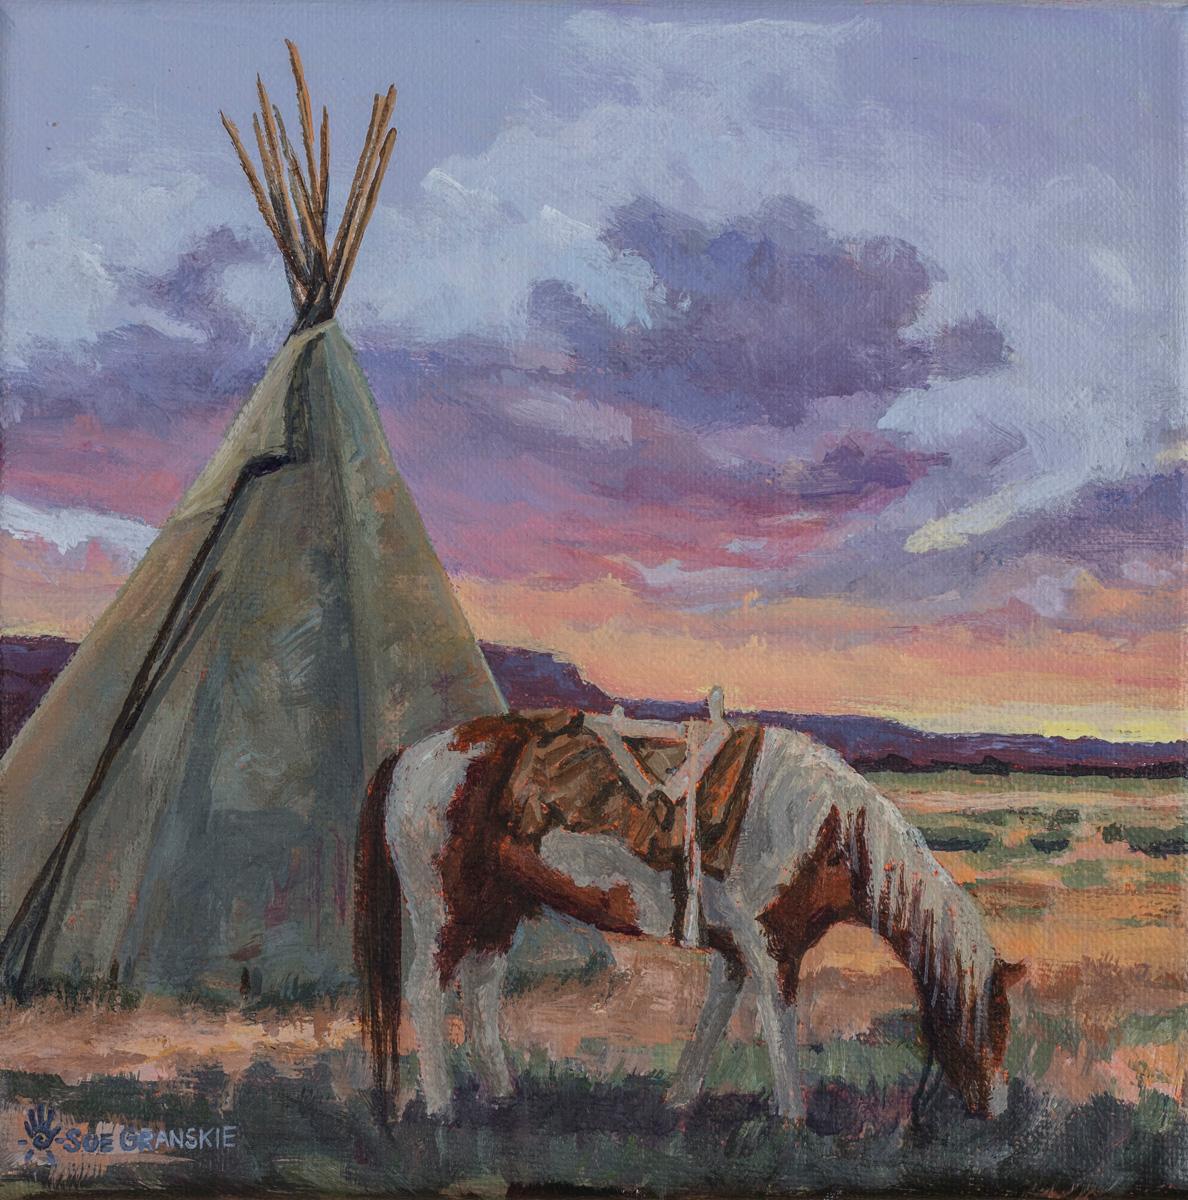 Indian Horse Sue Granskie Art